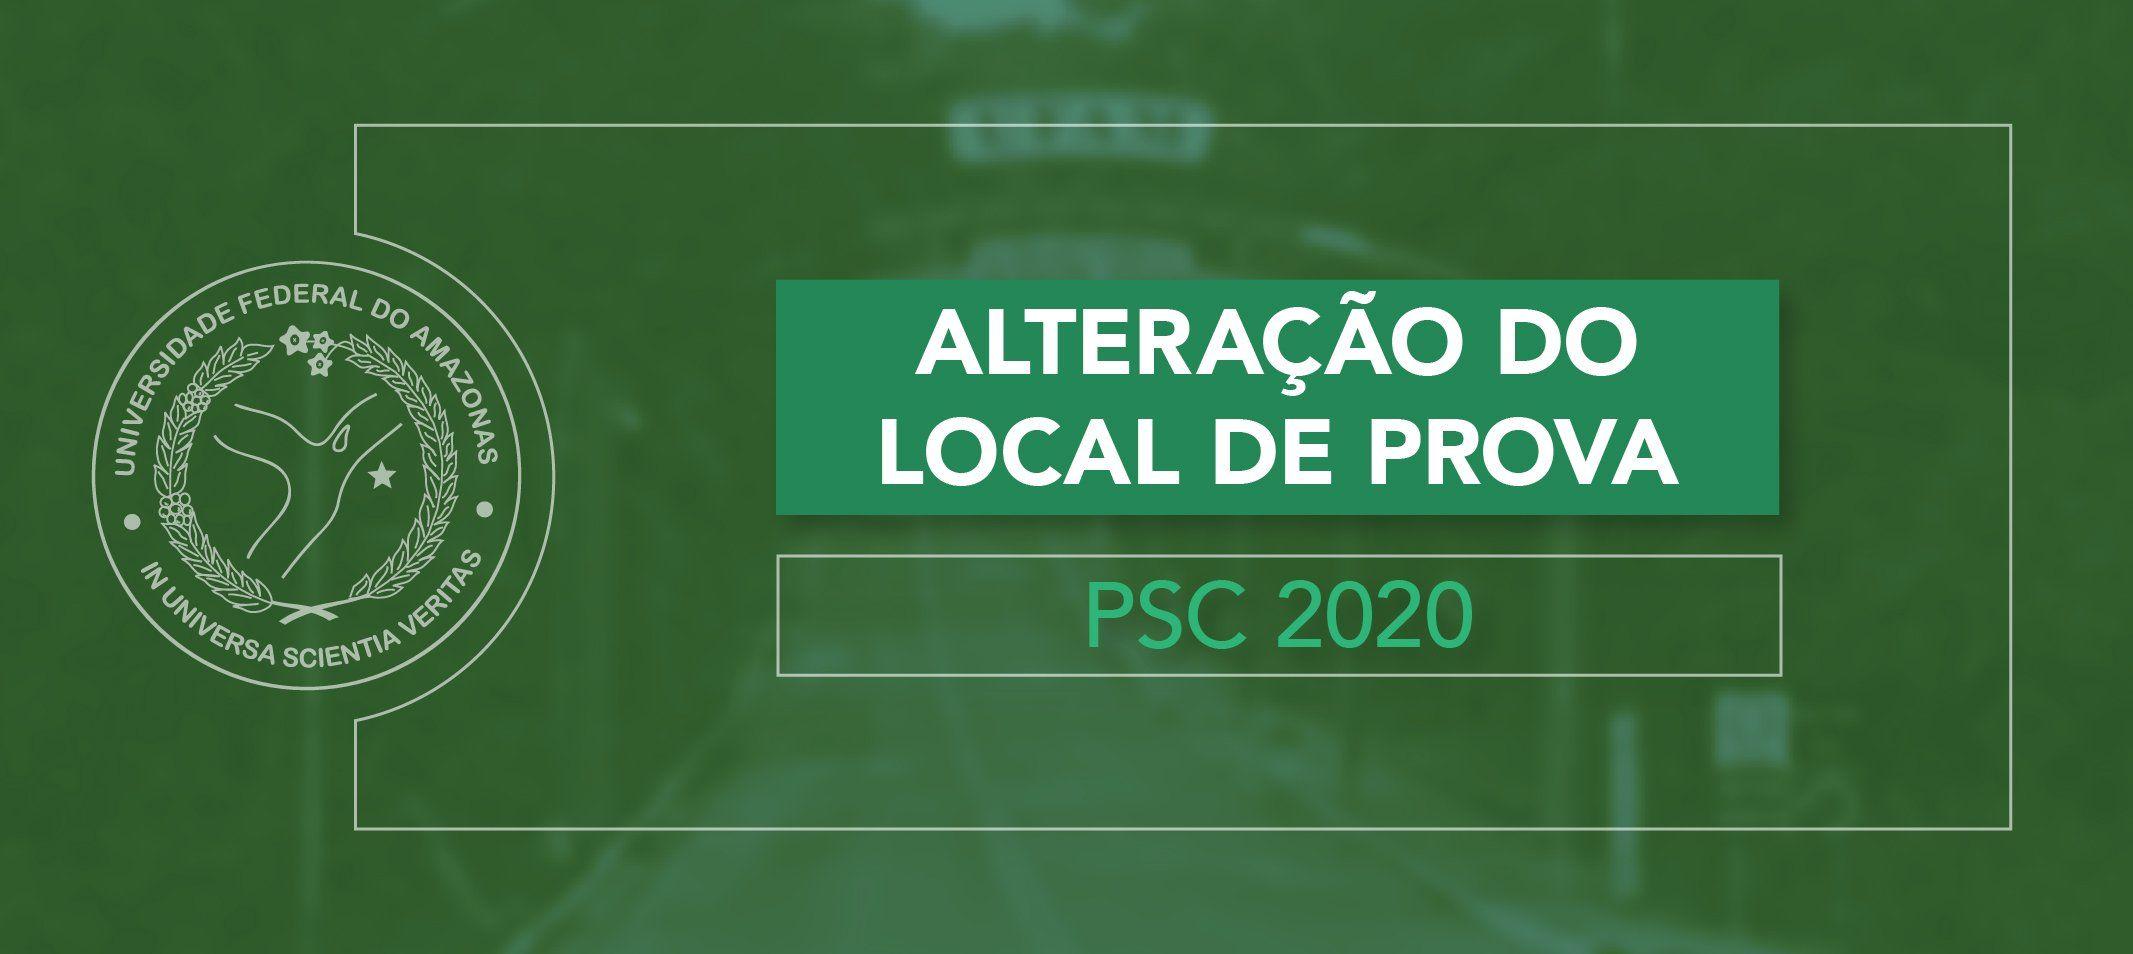 Compec informa alteração no local de prova do PSC 2020